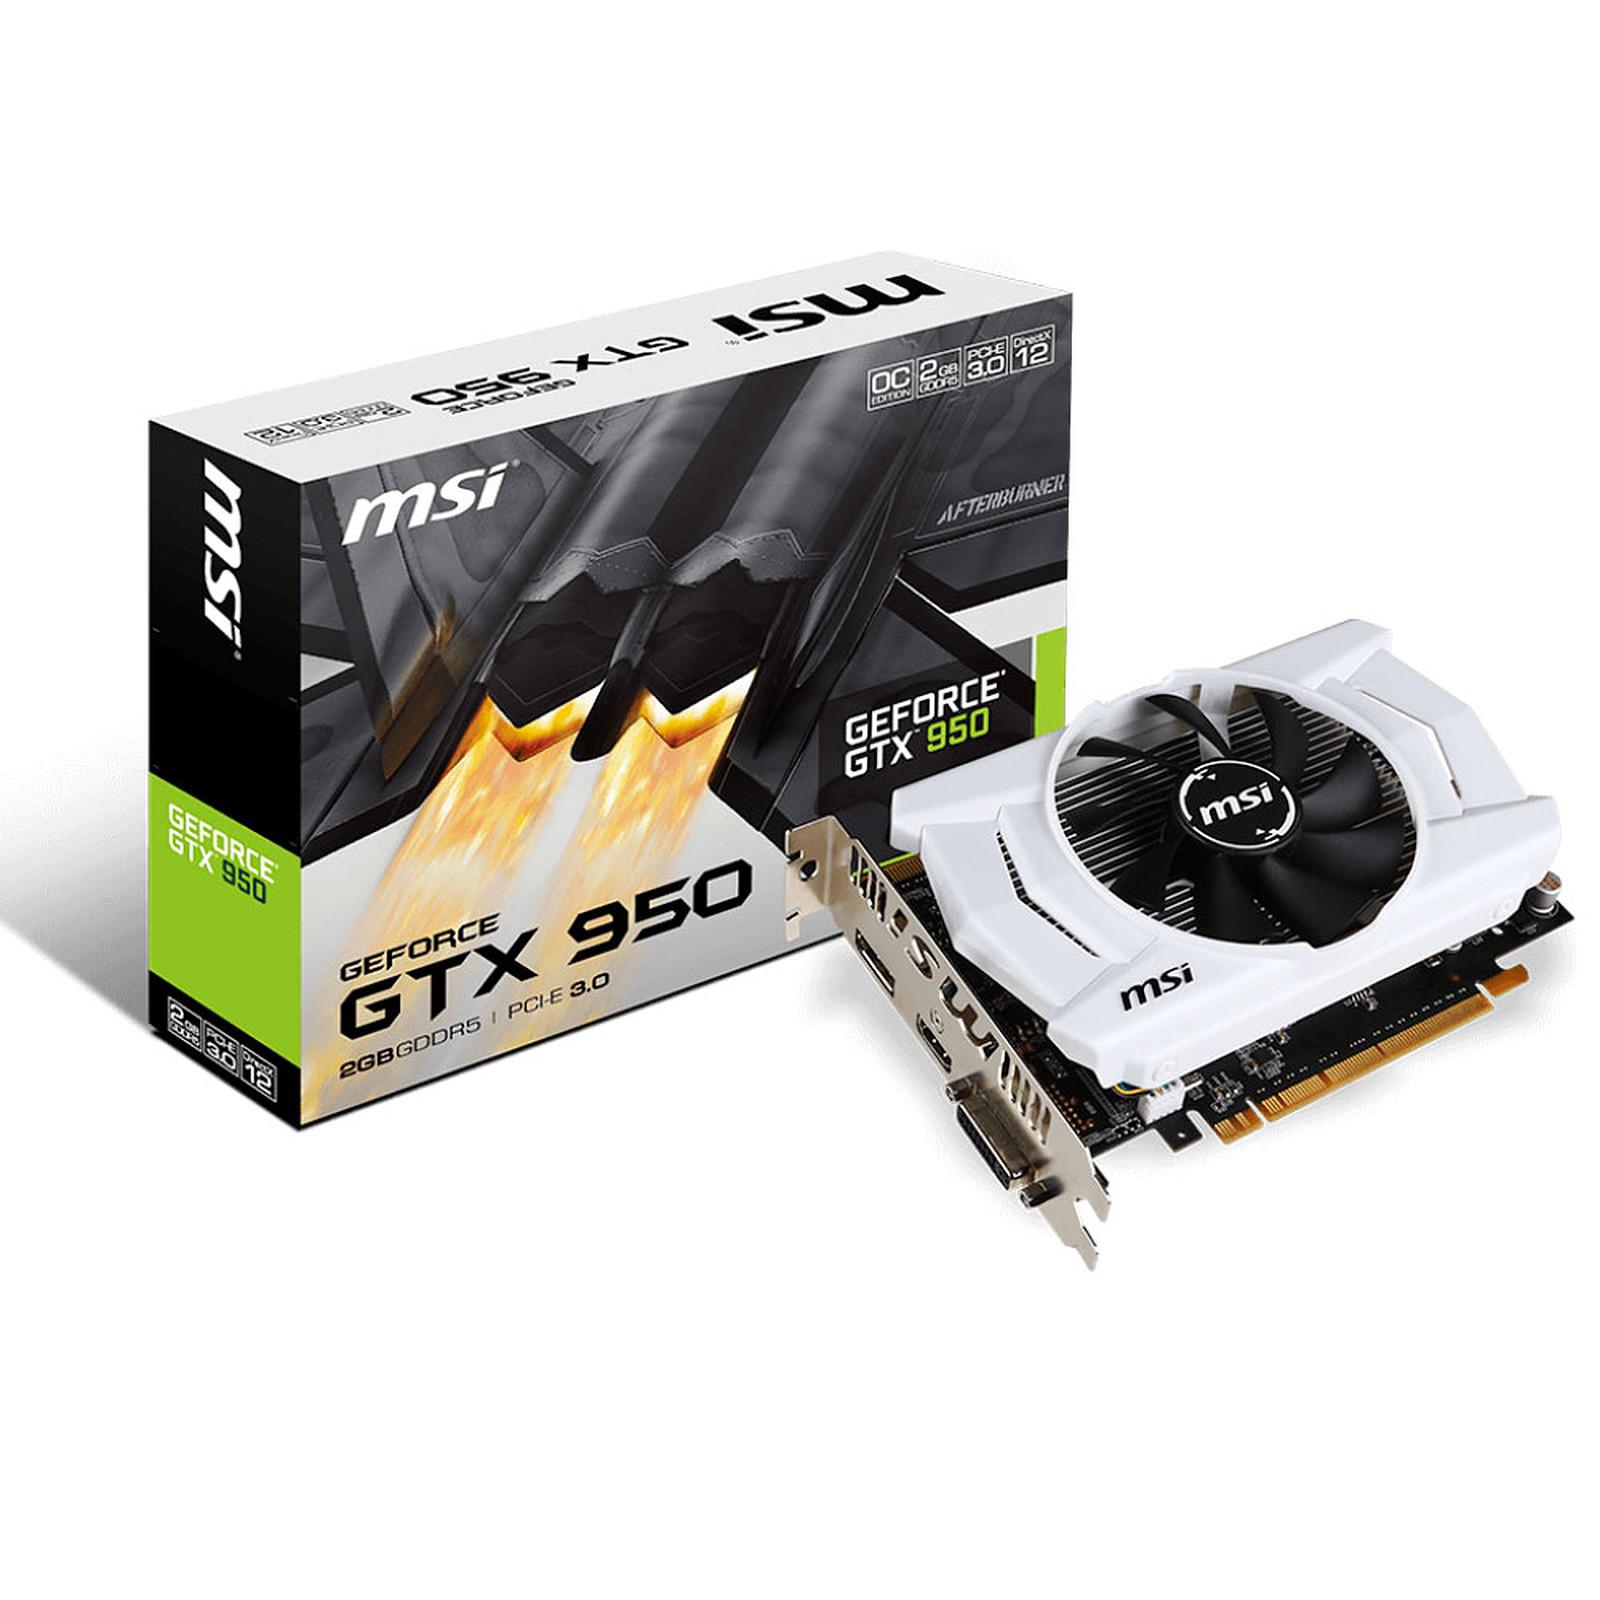 MSI GeForce GTX 950 2GD5 OCV2